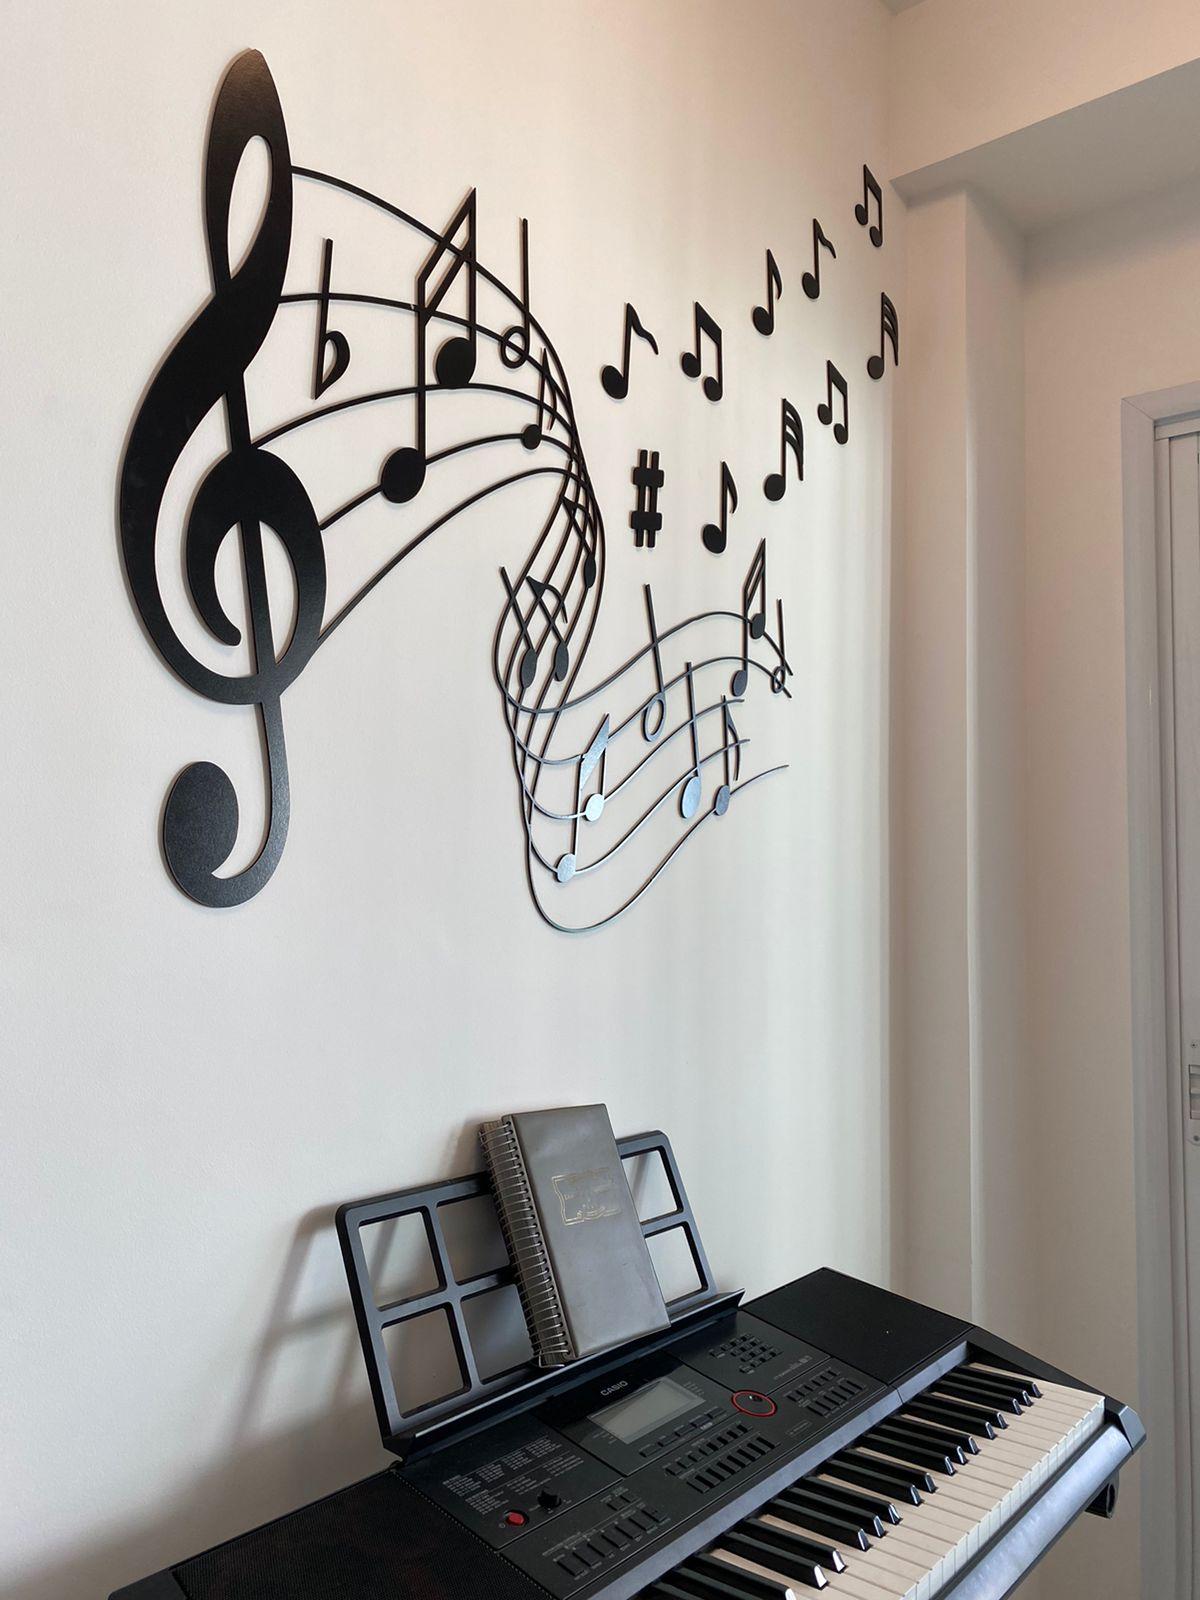 Aplique Decorativo Musical 90cm MDF Decoração Ambiente